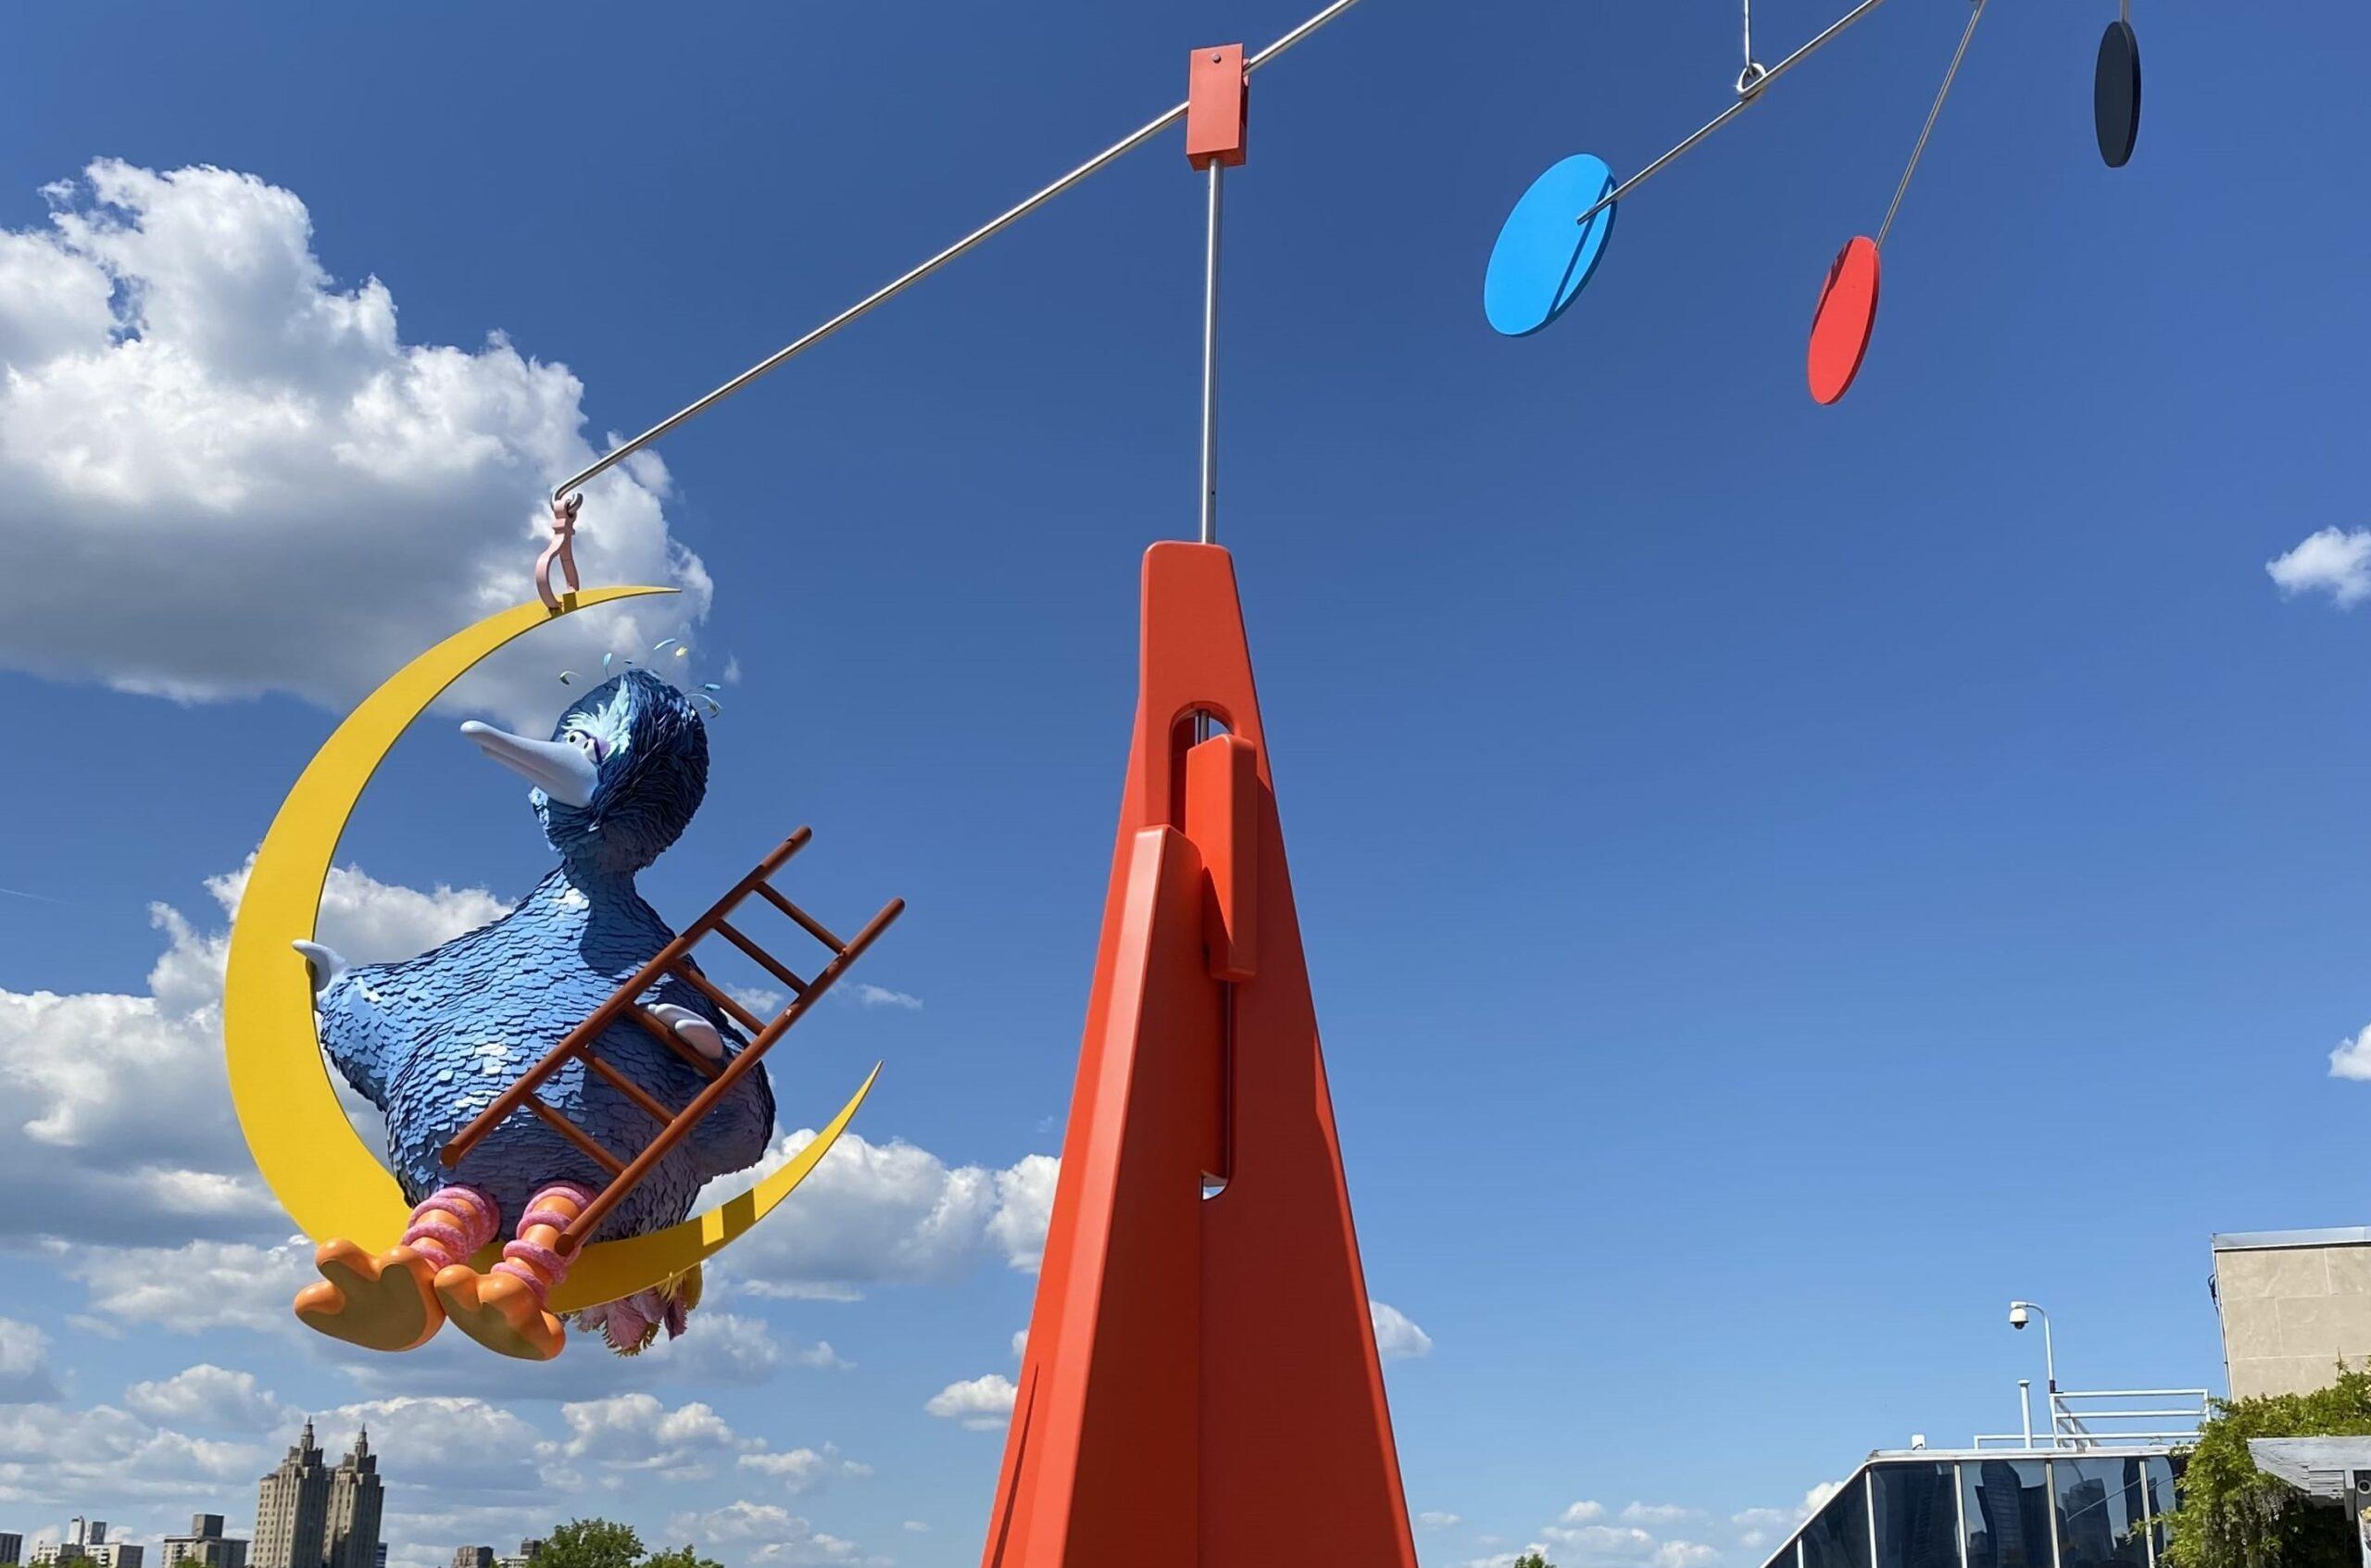 Malinconia e incertezza. Il mega uccello di Alex Da Corte vaga per i cieli di New York